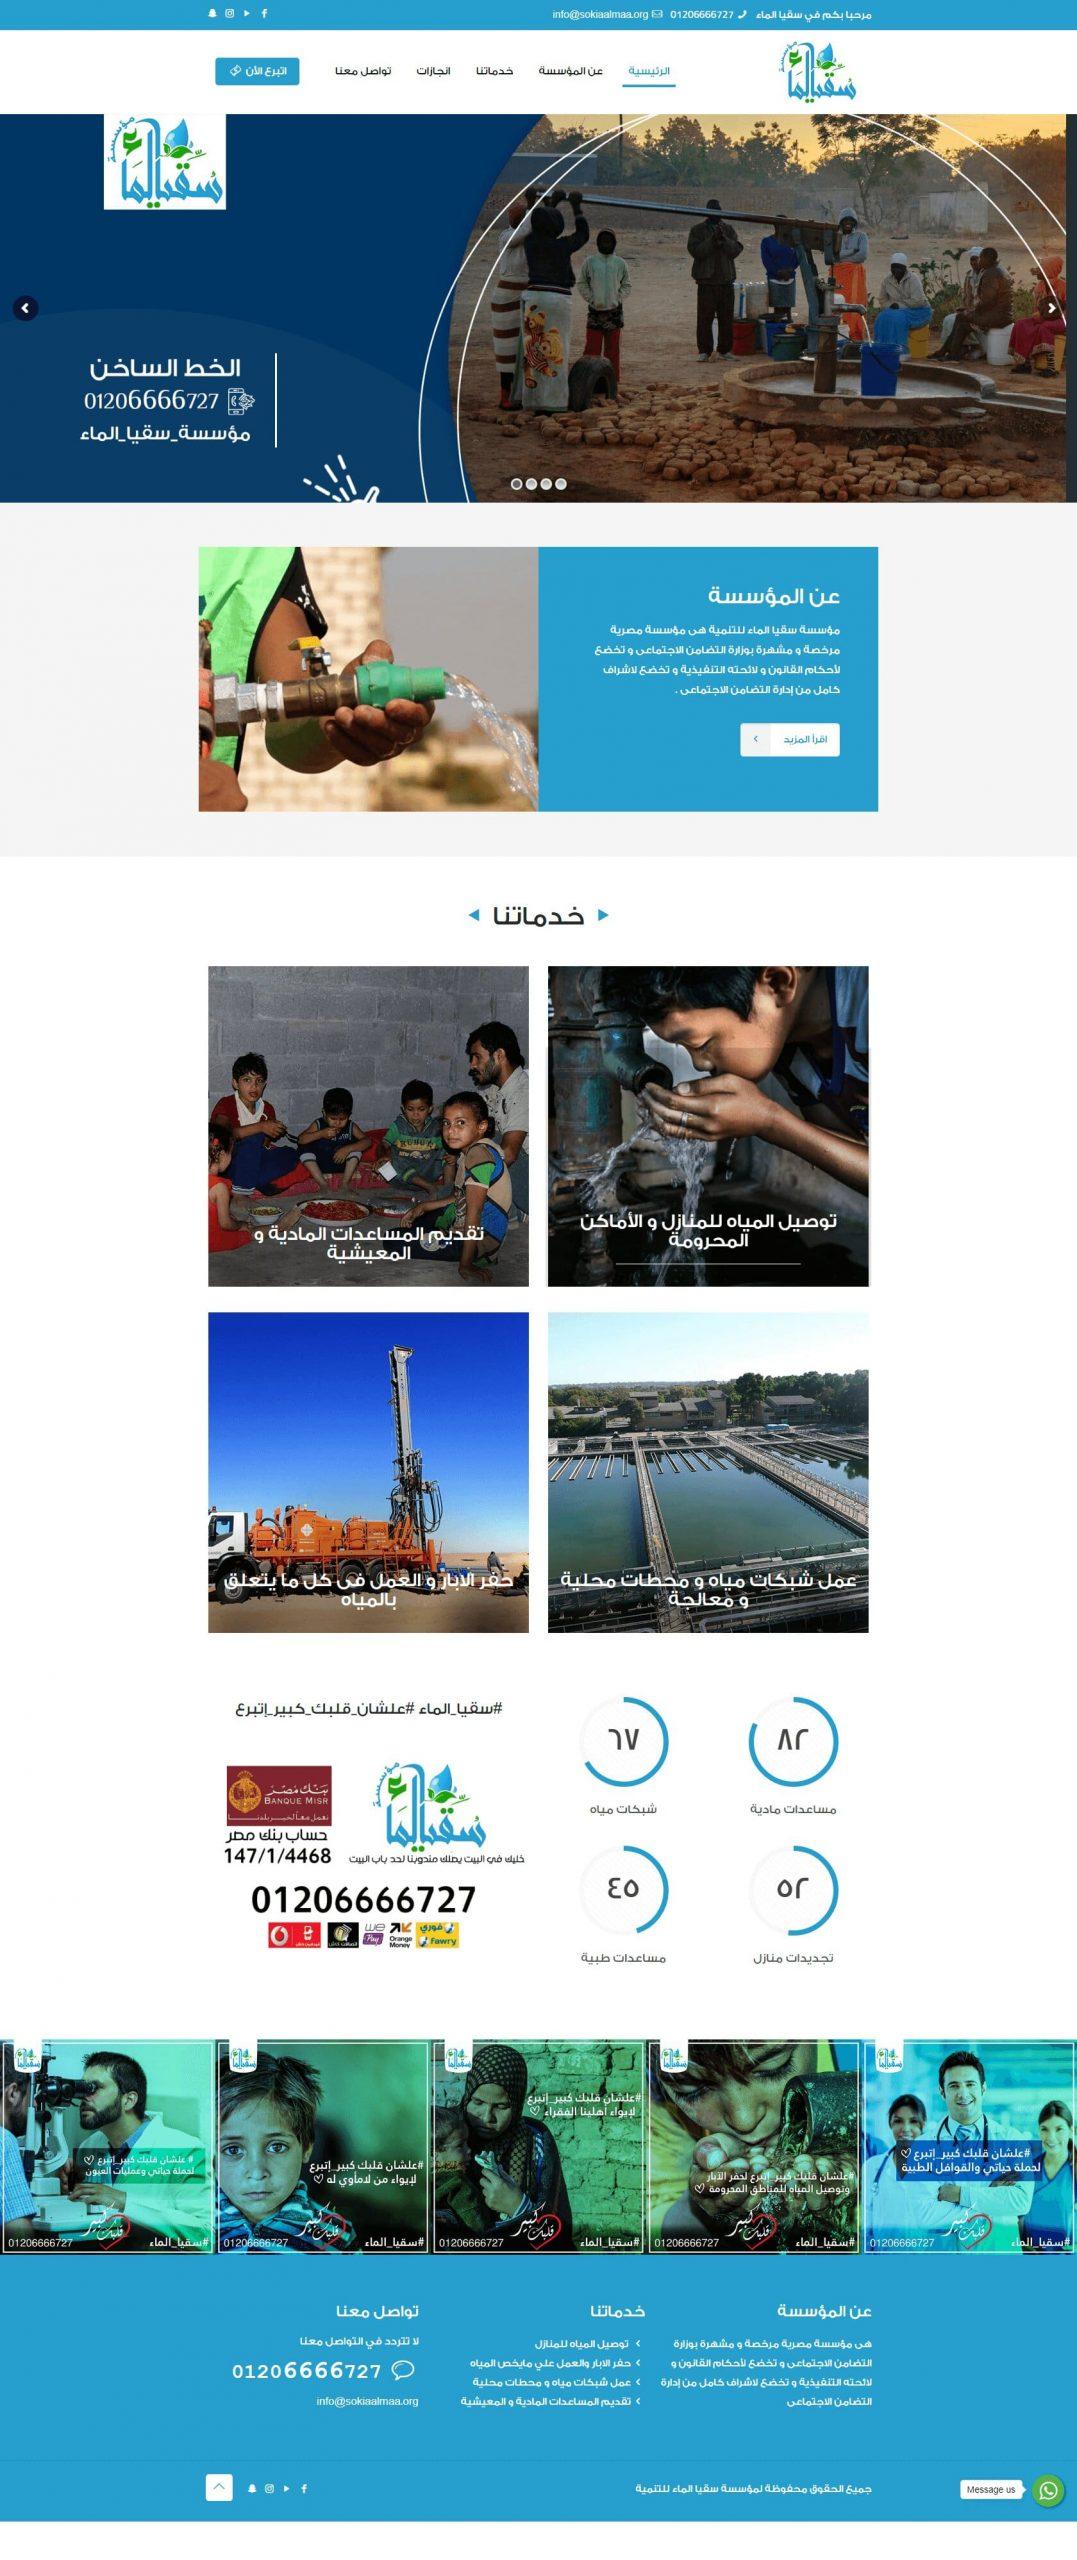 مؤسسة سقيا الماء للتنمية